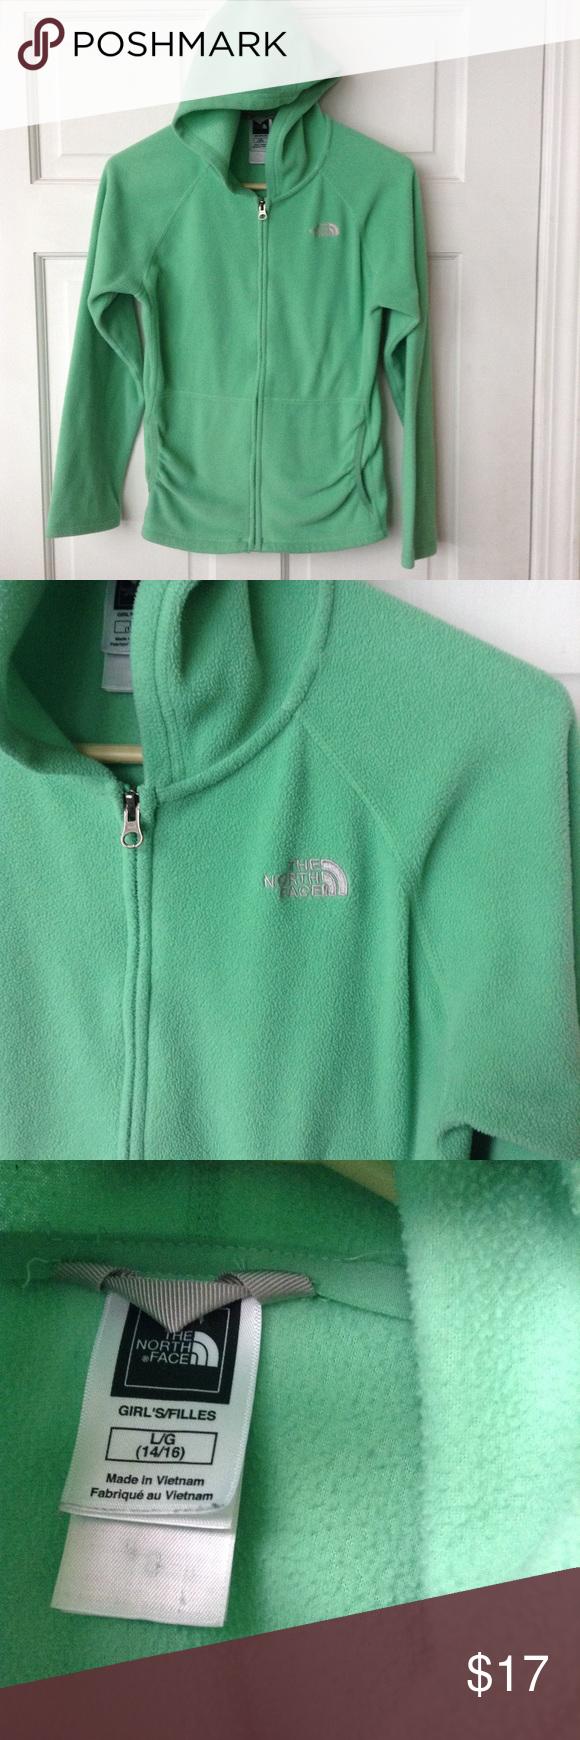 8d8233ad4fa6 ... canada northface fleece zipper jacket 104b8 57fb2 ...